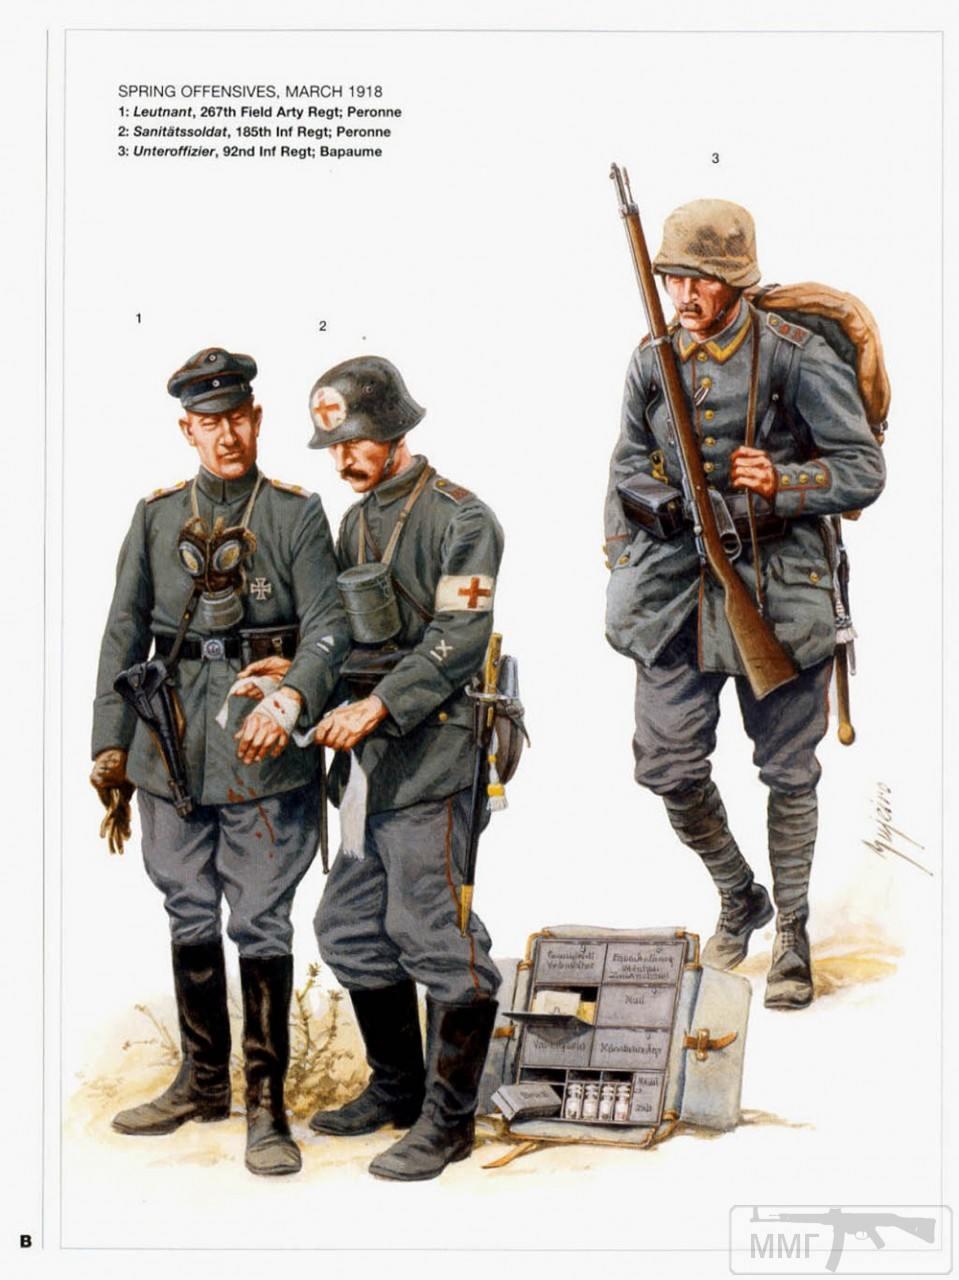 44397 - Первая Мировая, солдаты стран участниц.